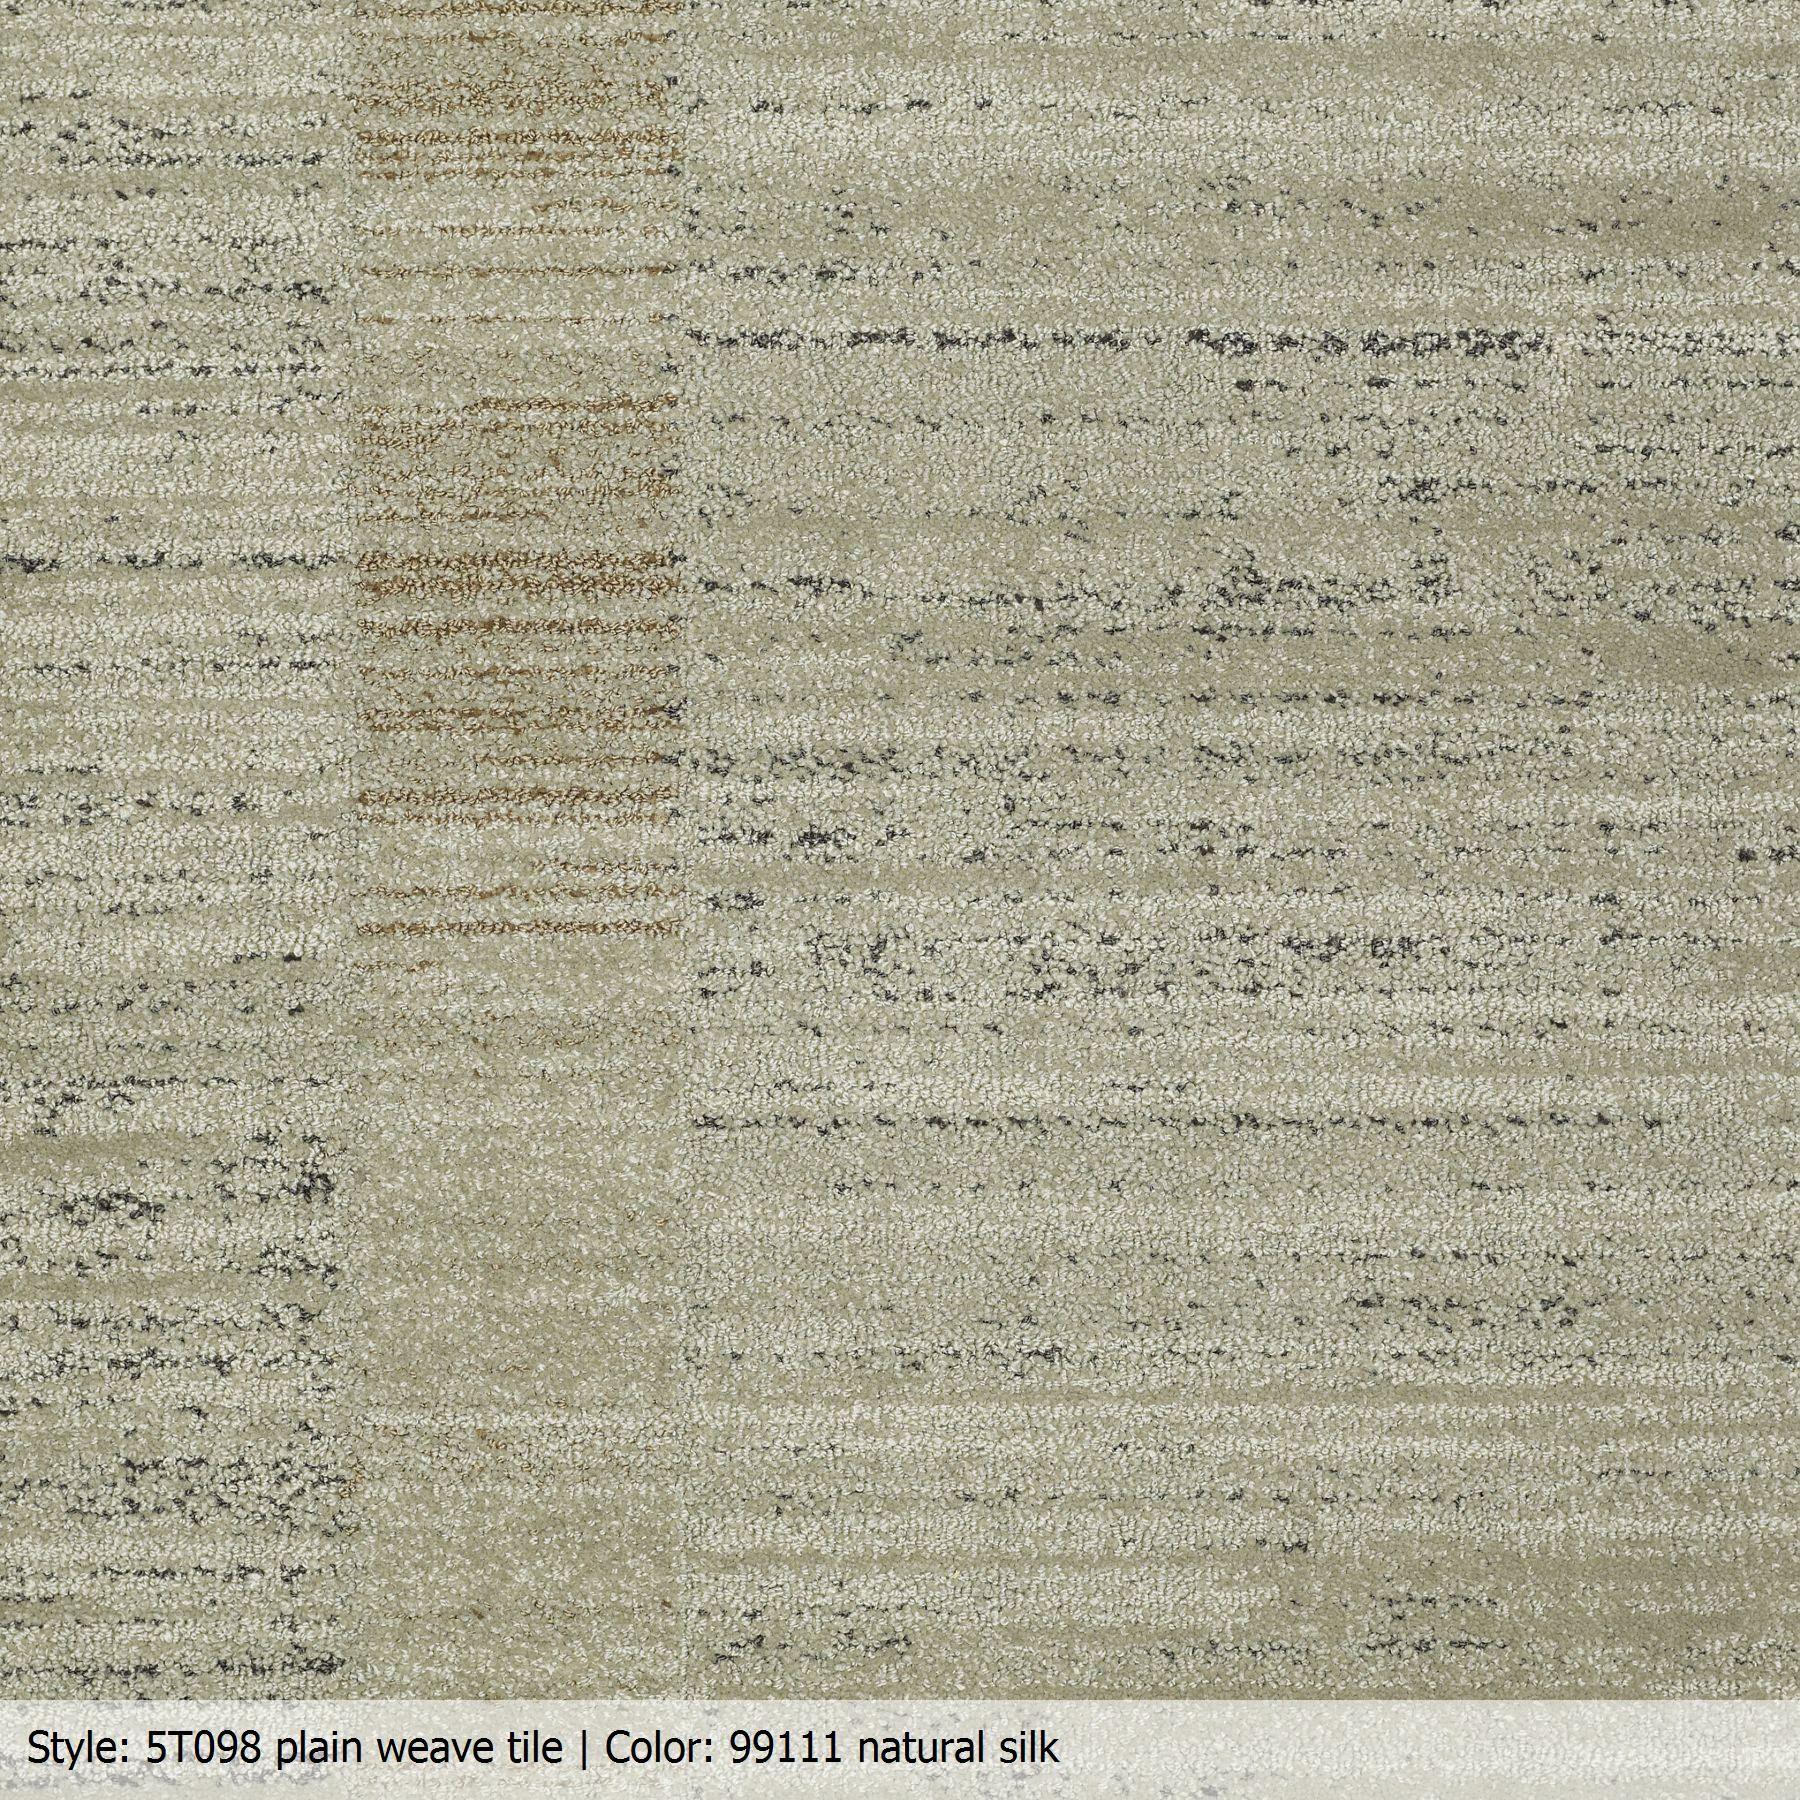 The plain weave carpet tile features horizontal woven accent bands the plain weave carpet tile features horizontal woven accent bands overlaid in the cloth texture baanklon Choice Image